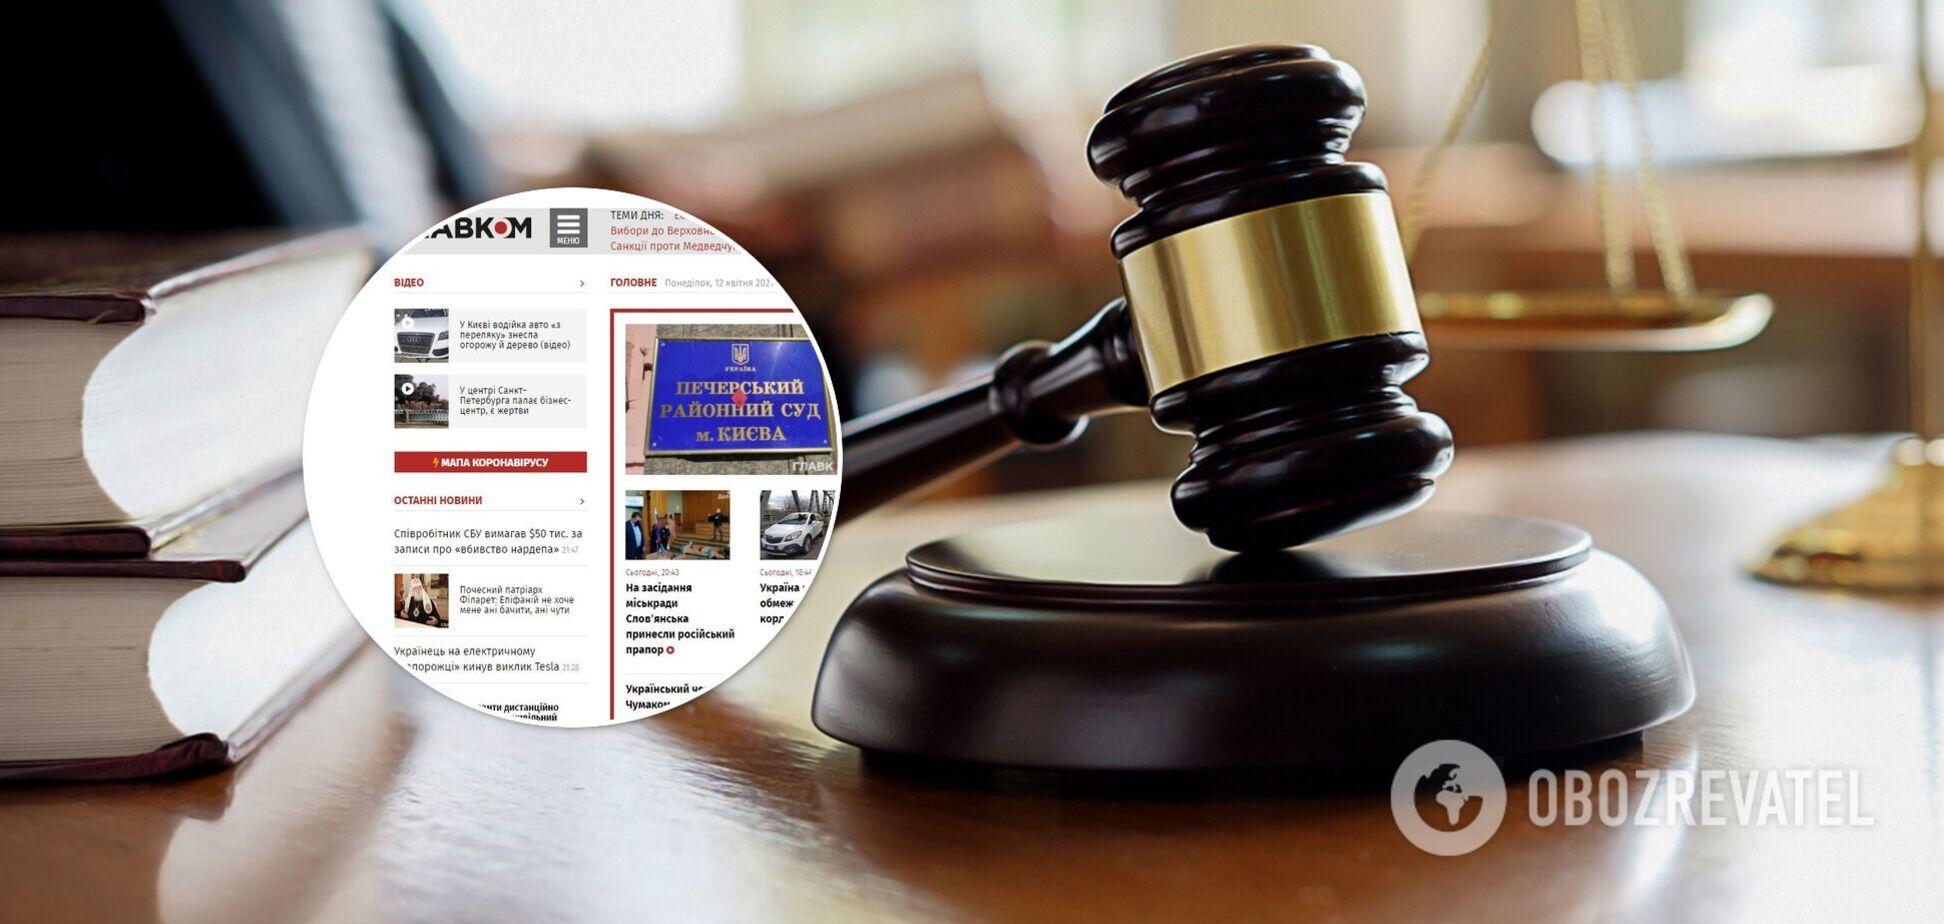 Украинское СМИ выиграло суд у фигуранта расследования НАБУ